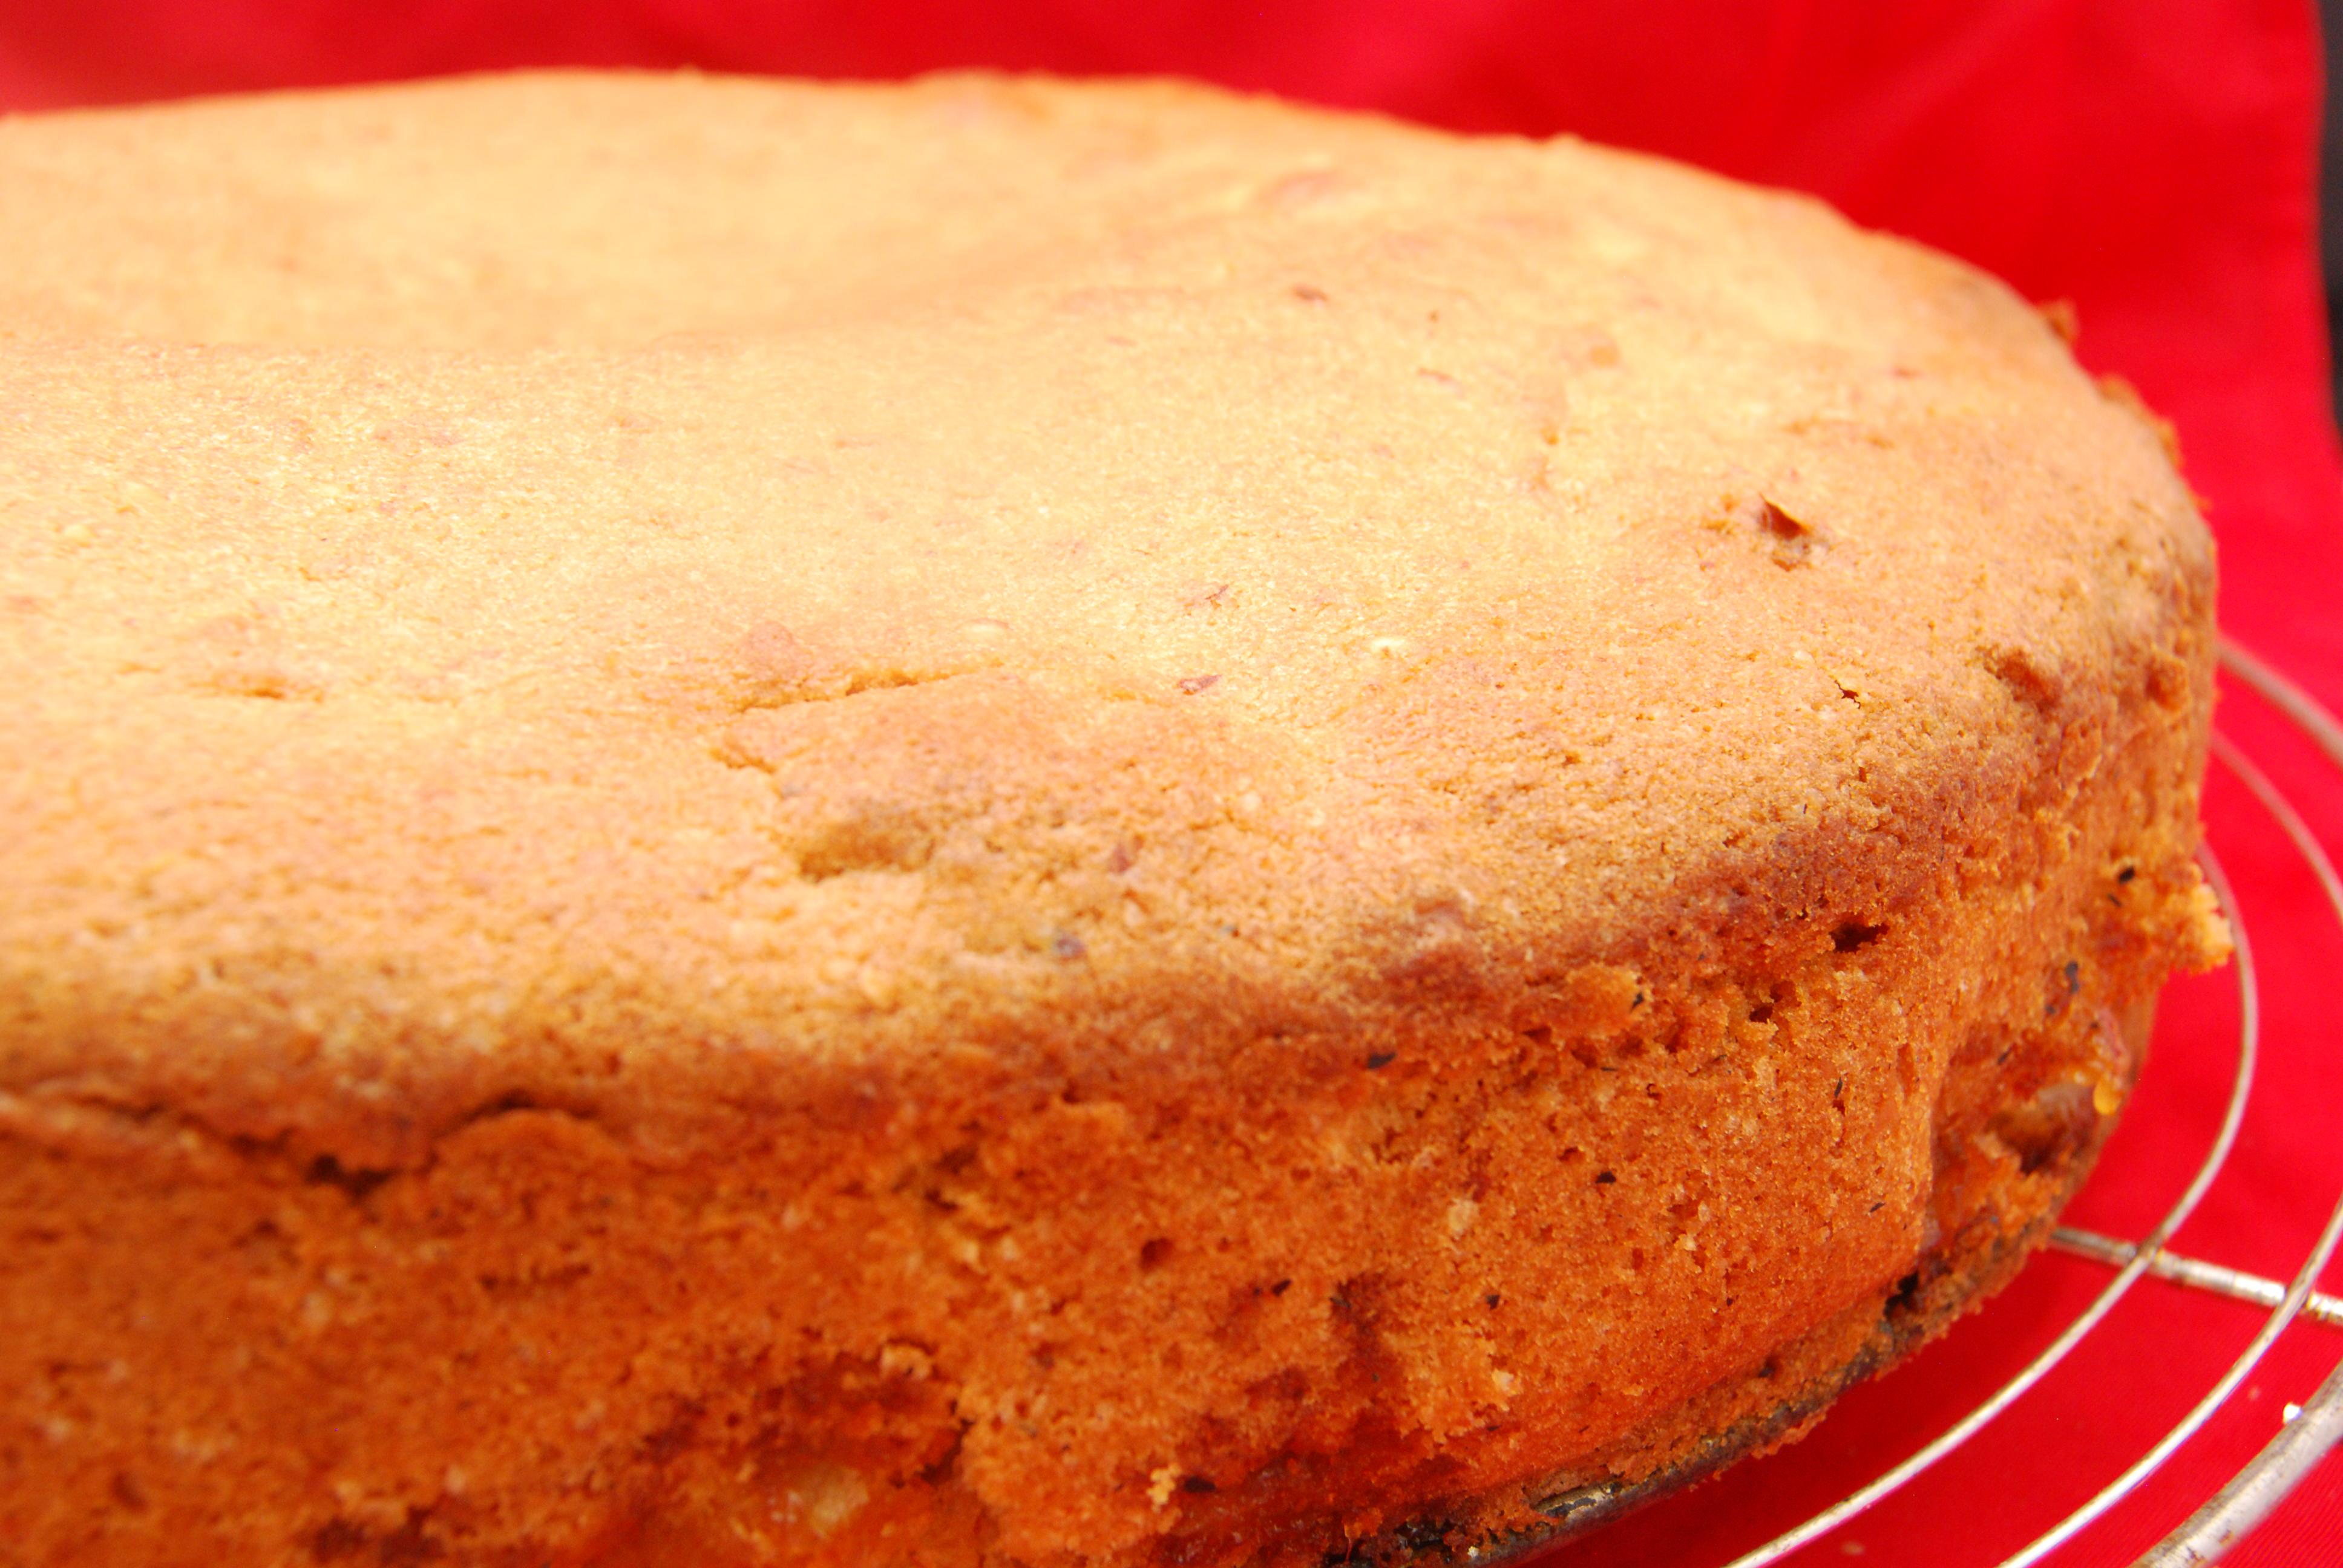 Formschöner Kuchen